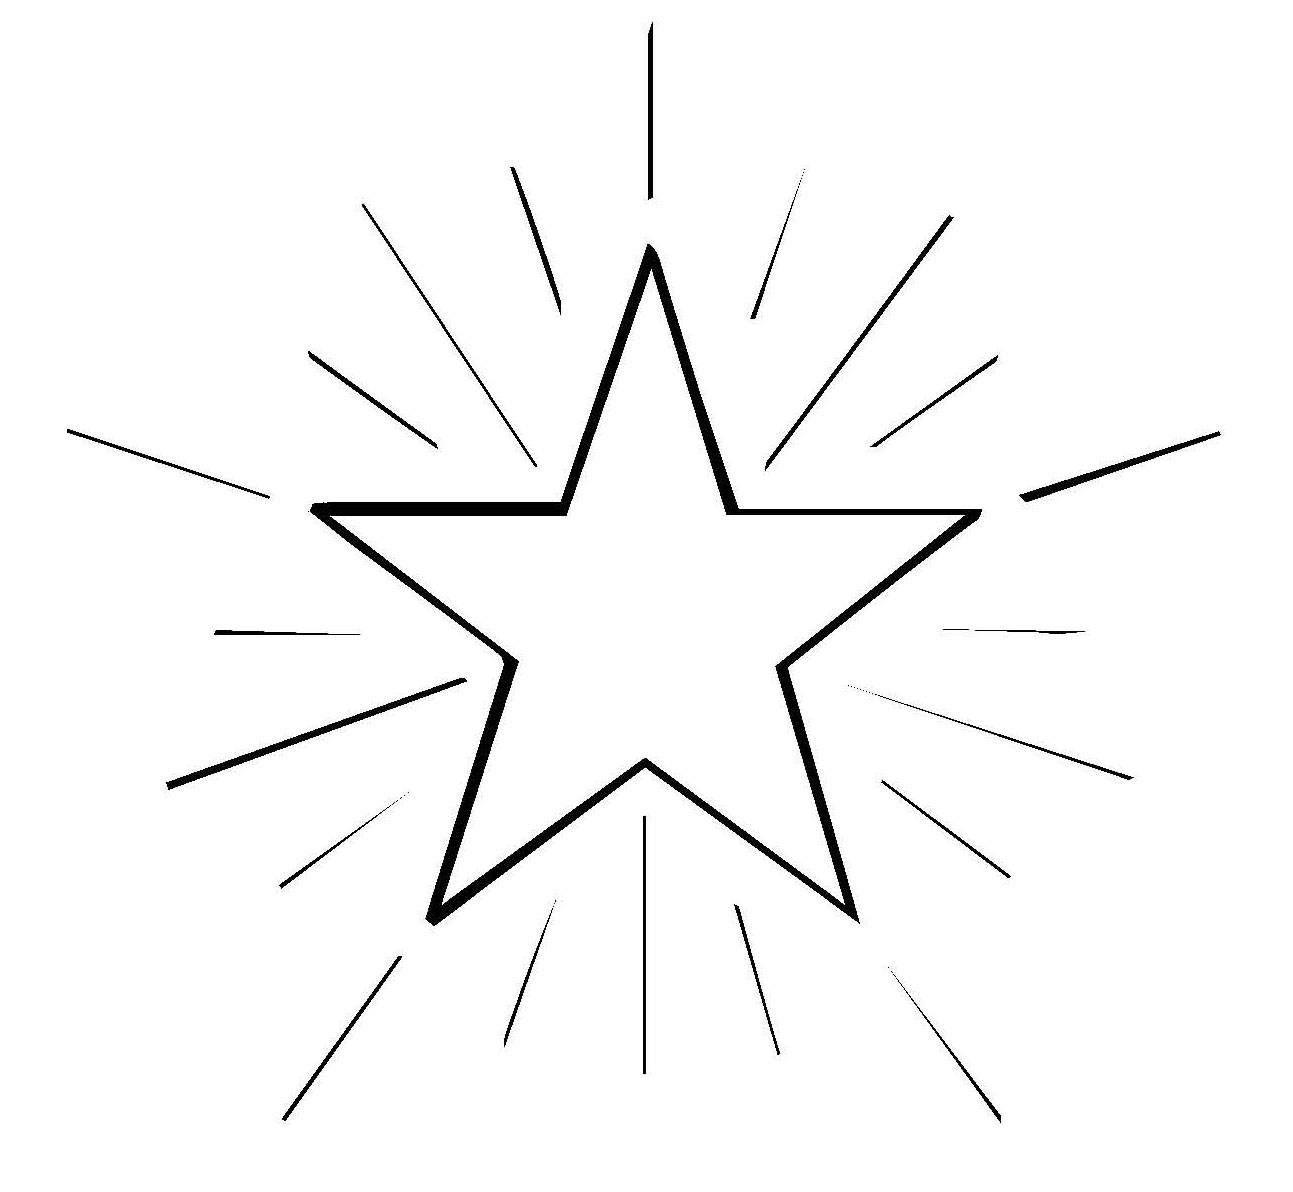 Malvorlagen Stern  Stern Ausmalbilder 01 ausmalbilder